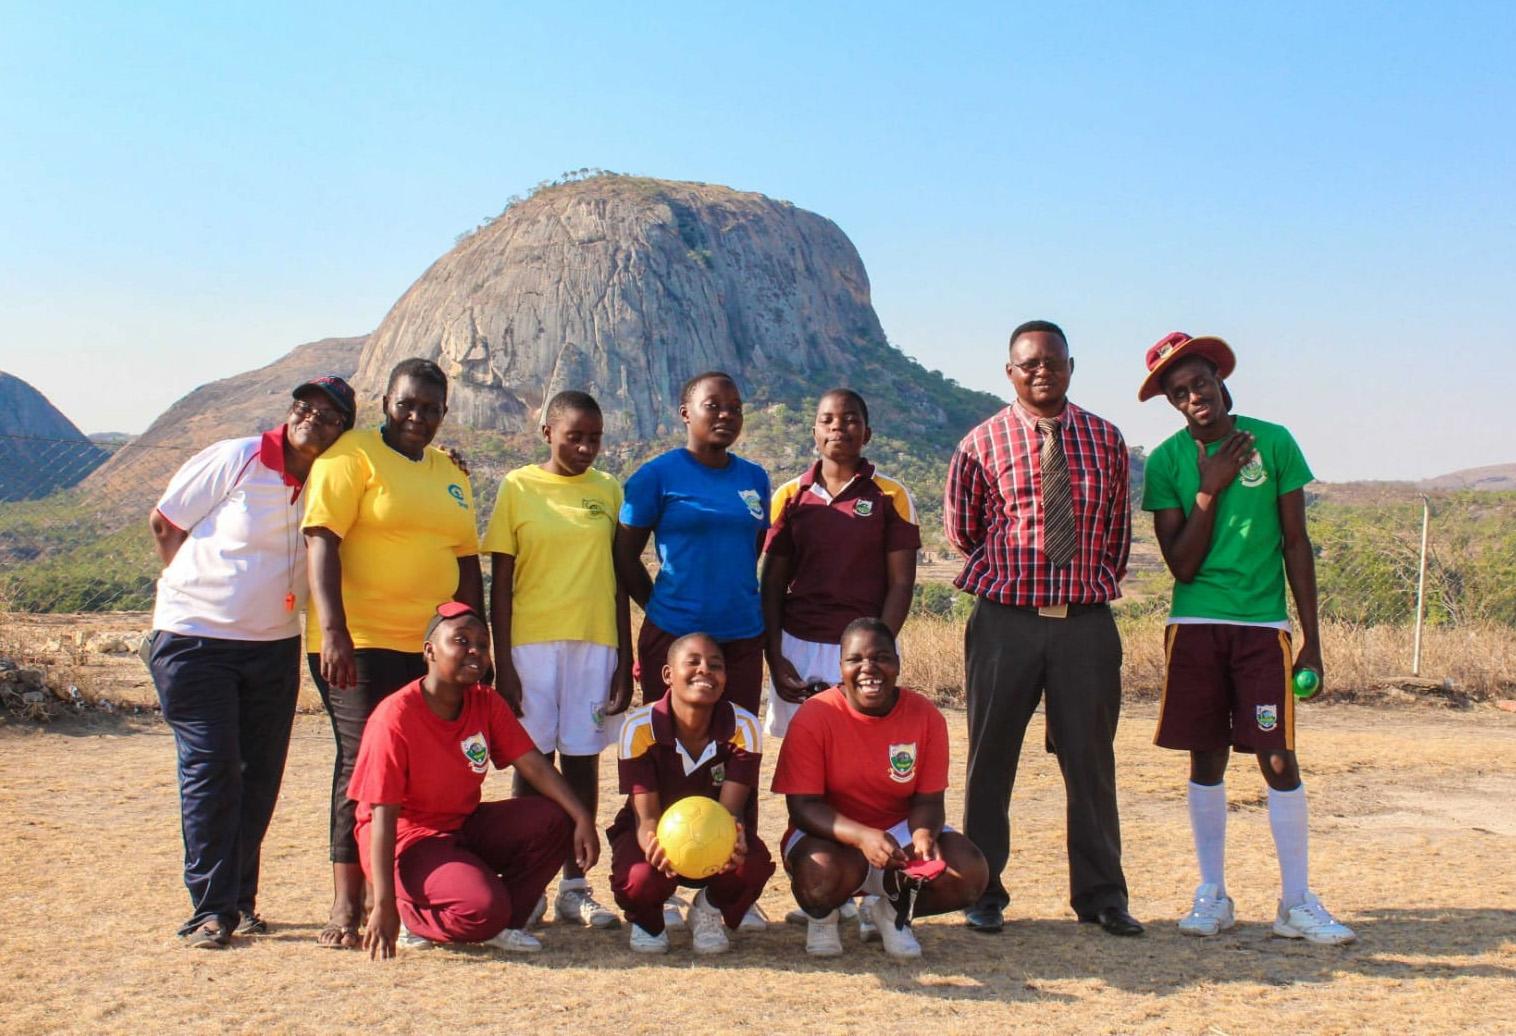 Seis estudantes da Escola Metodista Unida Murewa, no Zimbábue, foram selecionados para disputar a partida feminina da Associação Internacional de Futebol Cego no Japão, em 2019. Na primeira fila, da esquerda para direita, estão os alunos Fadzai Kimberley Nyakudya, Chengetai Chipanga e Monalisa Makoma; na fila de trás, da esquerda para direita, estão Teresa Mharadzirwa, a professora/guia Constance Tendere Munemo, Tanisha Zonde, a goleira Gellie Mawarire, Tarumbidzwa Taruvinga, o diretor esportivo Pilani Nyanhanda e Titus Tsiga. Foto de Chenayi Kumuterera, SMUN.